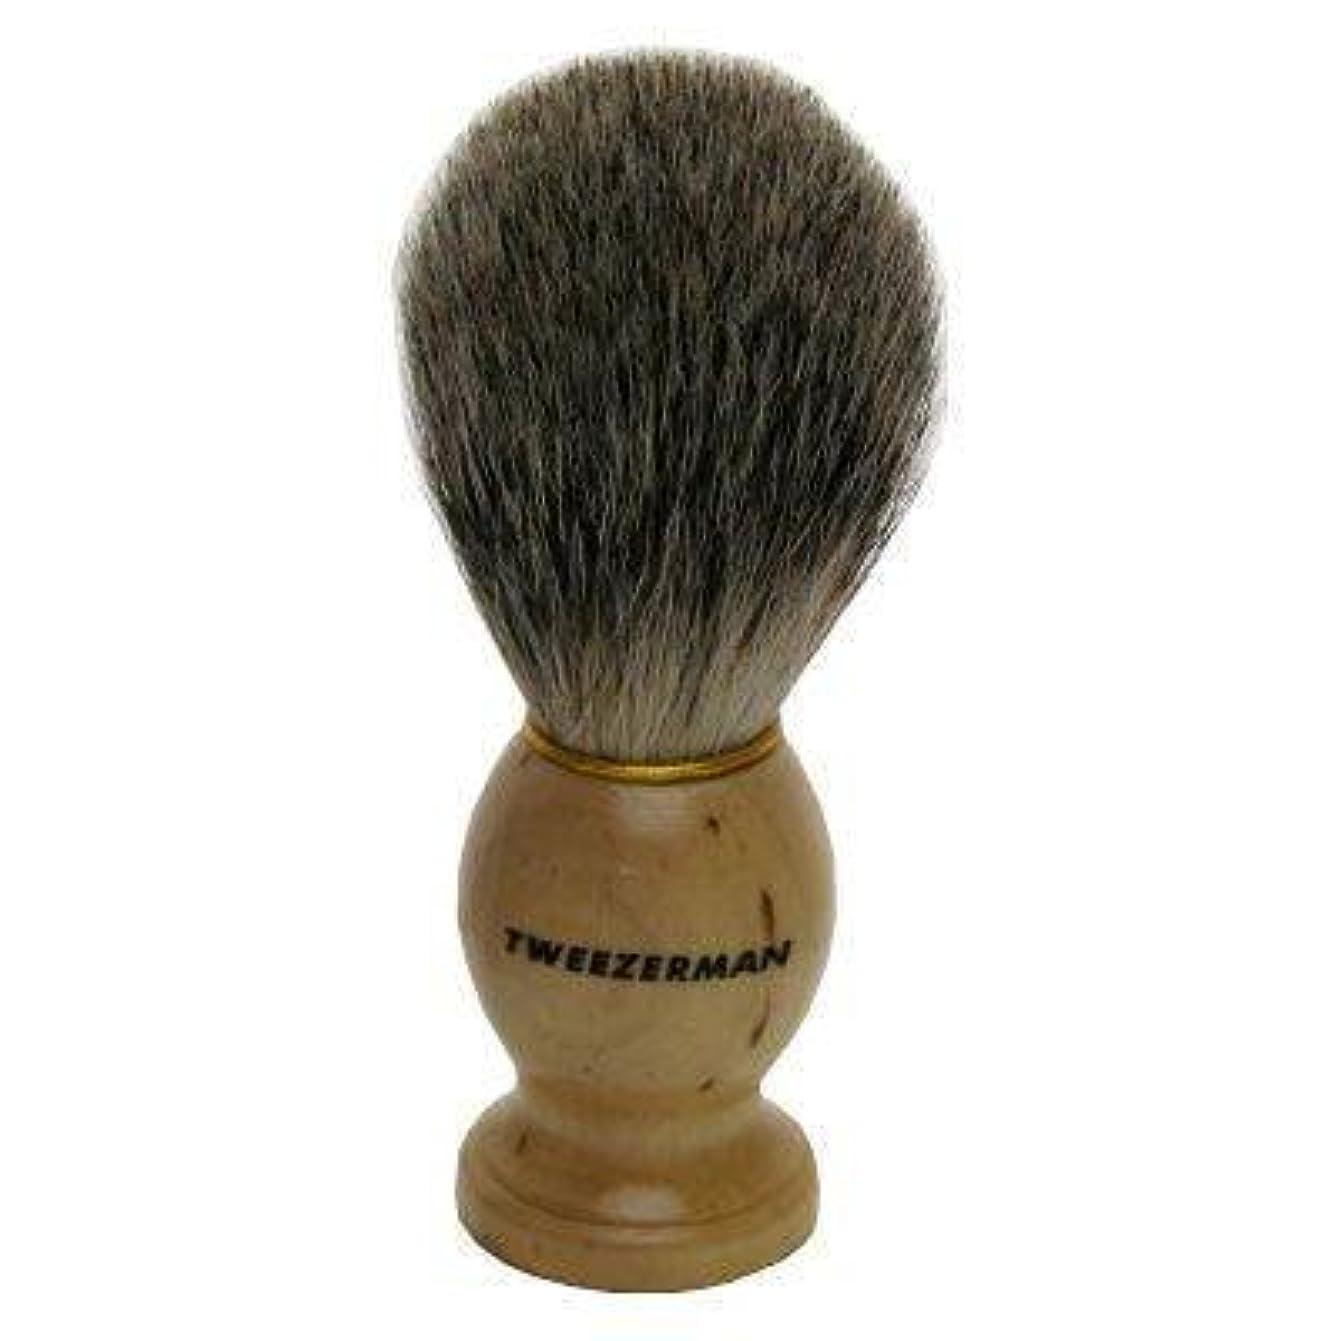 反毒リップアートTweezerman メンズ シェービングブラシ(100%アナグマの毛)